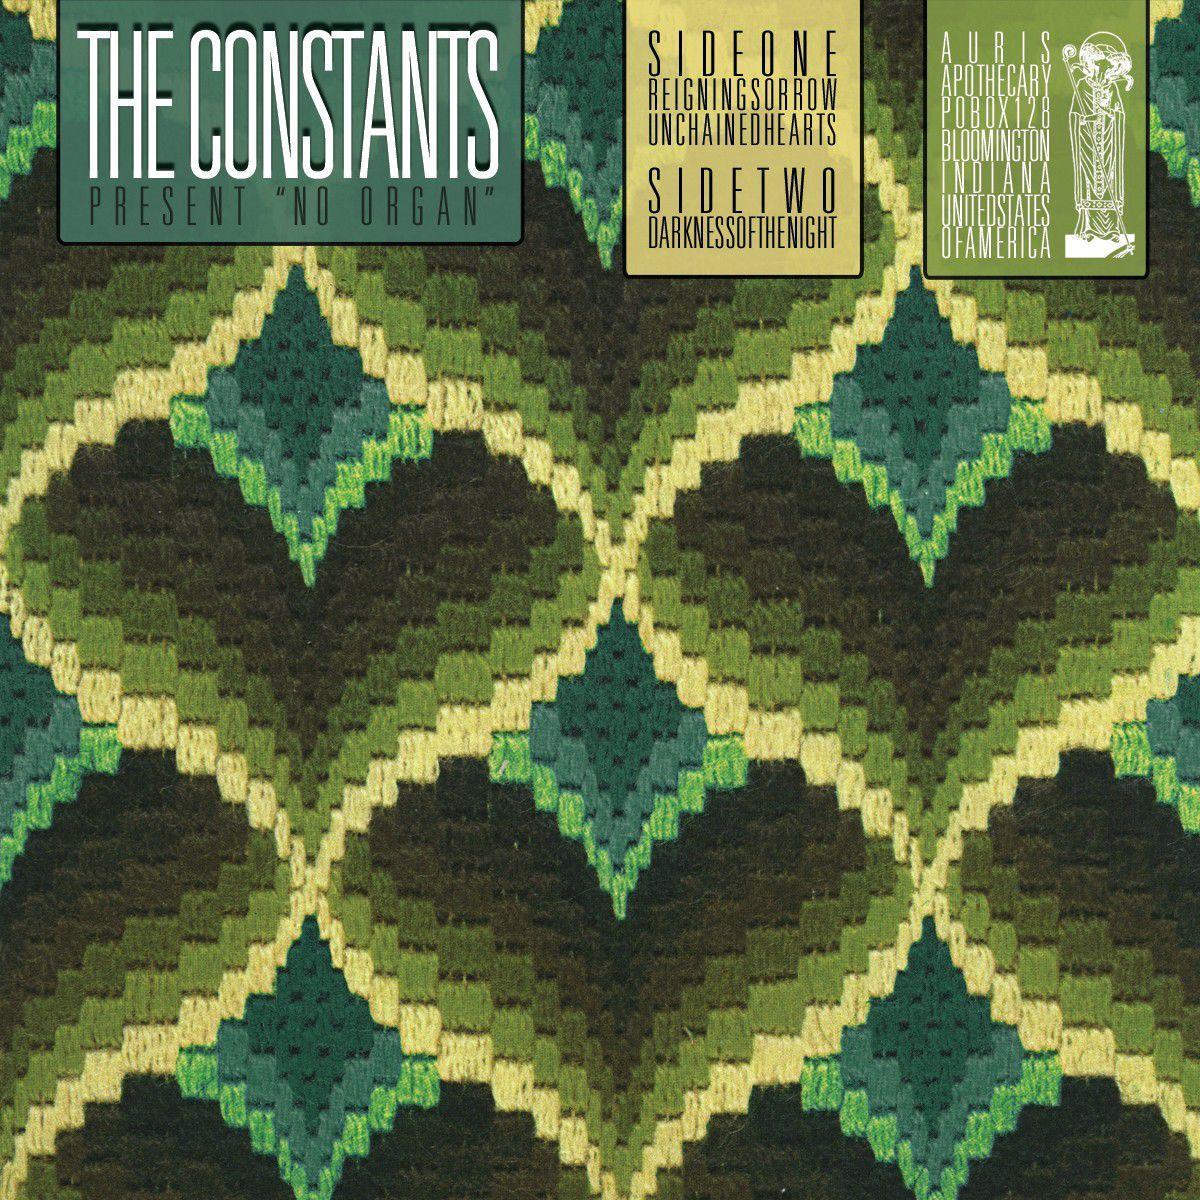 Review: The Constants, 'No Organ'